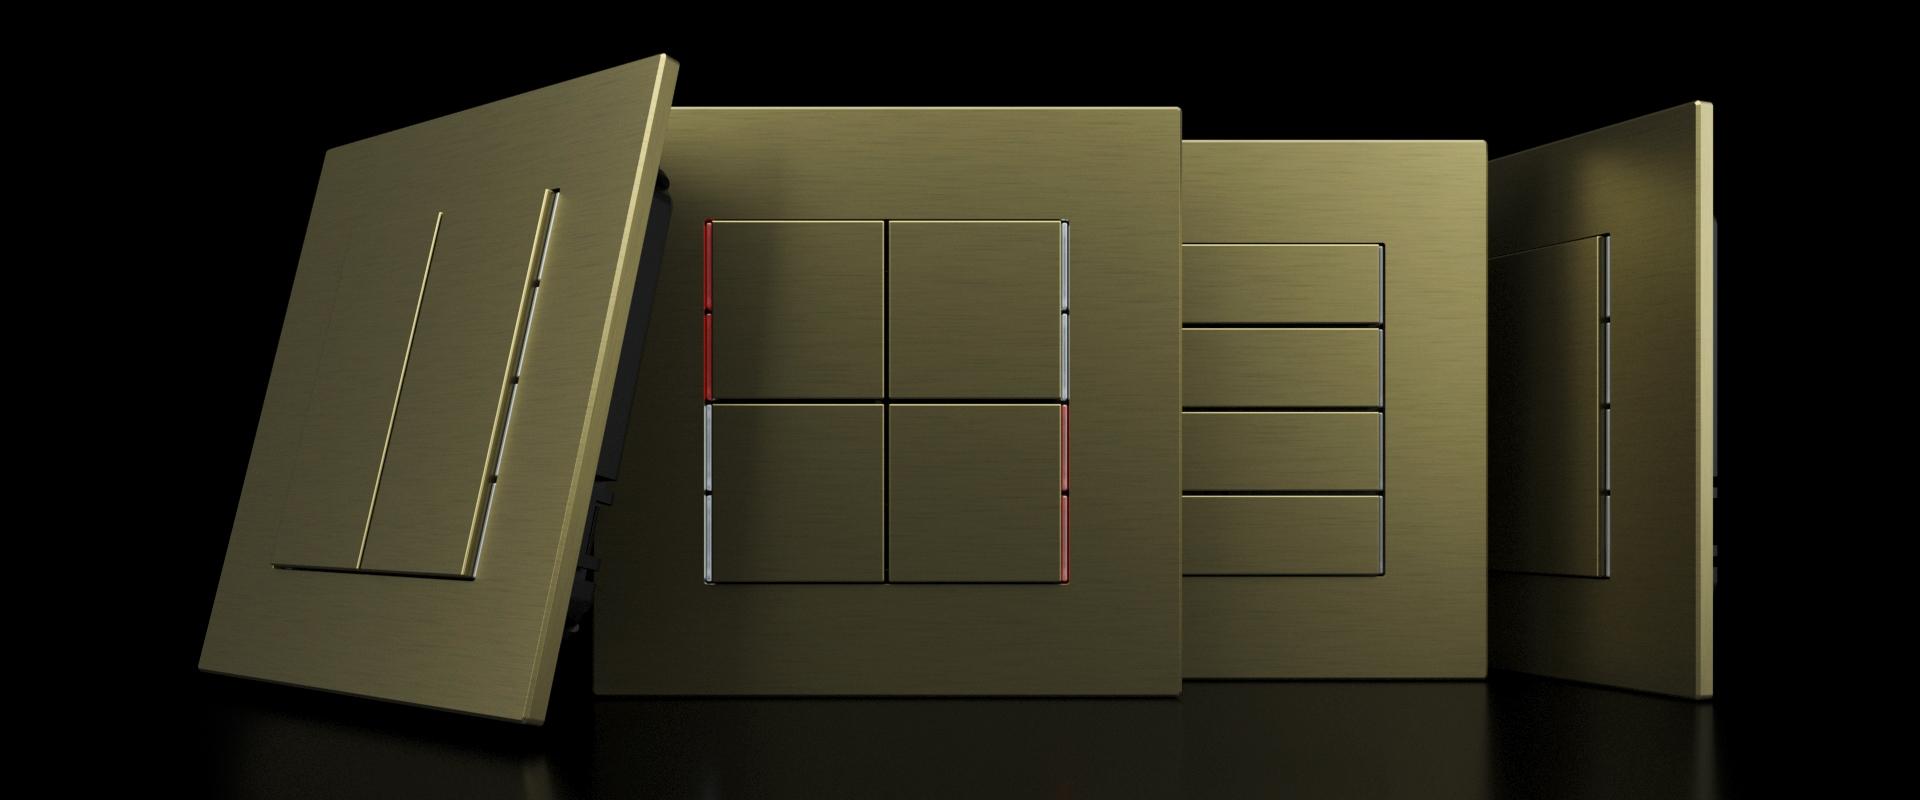 Surface: Design e Tecnologia KNX  in 3 mm di spessore